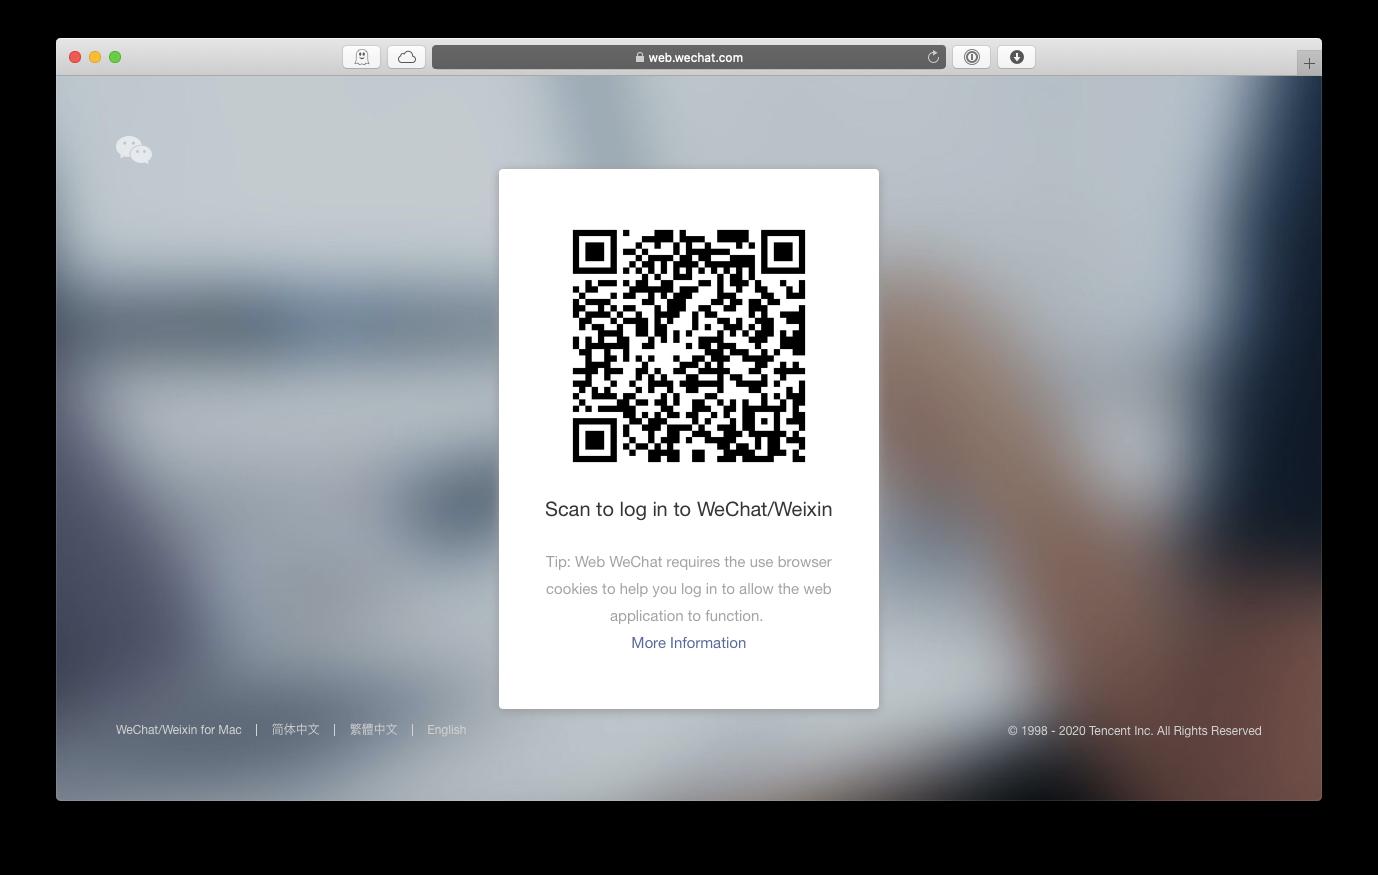 scan QR code online app WeChat